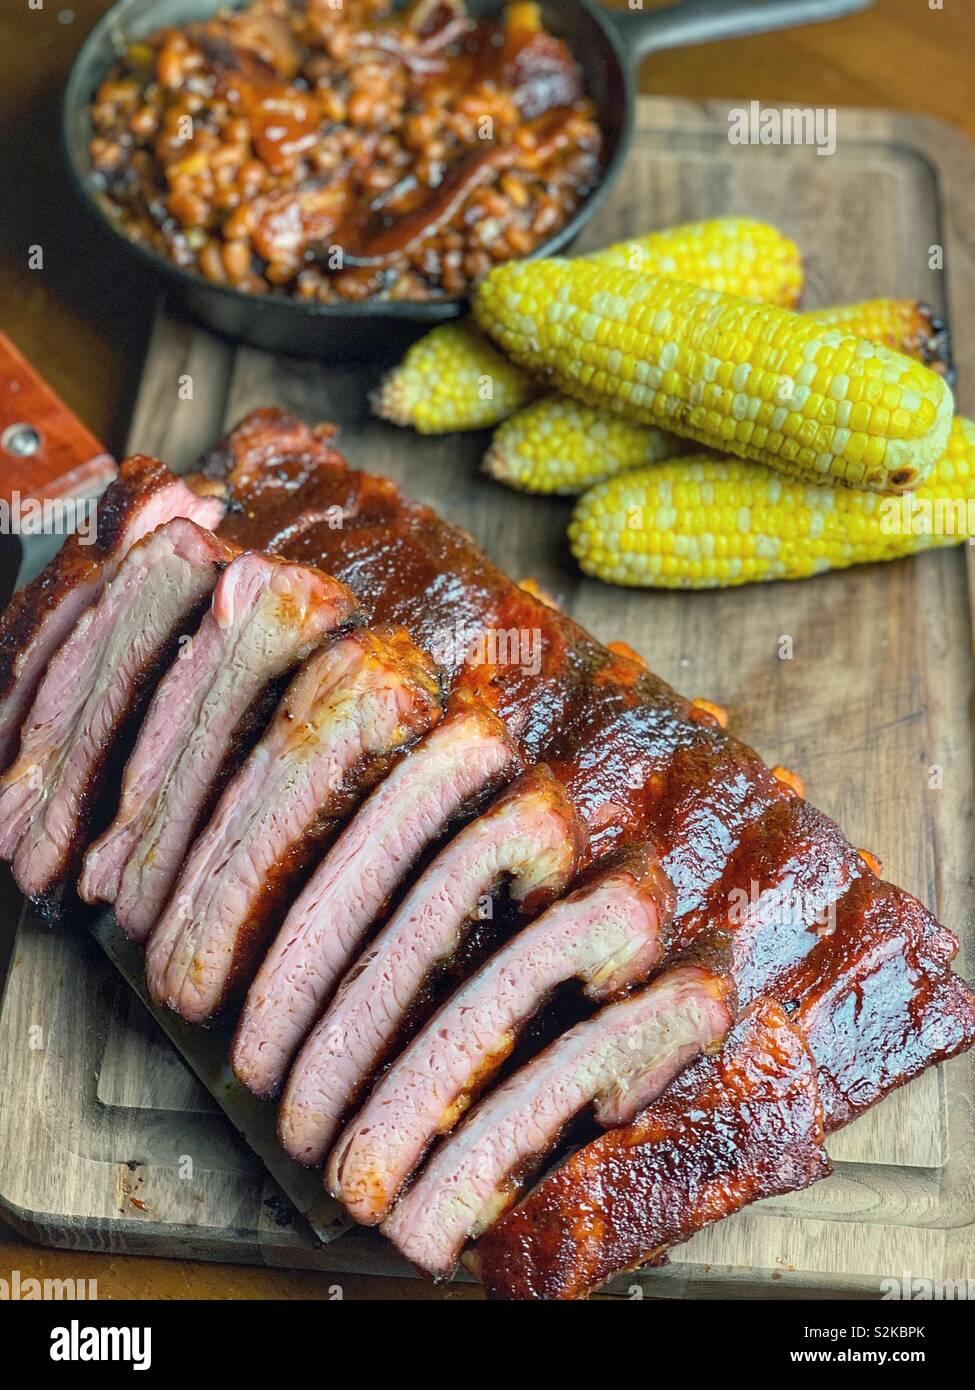 Côtes de porc style St louis Photo Stock